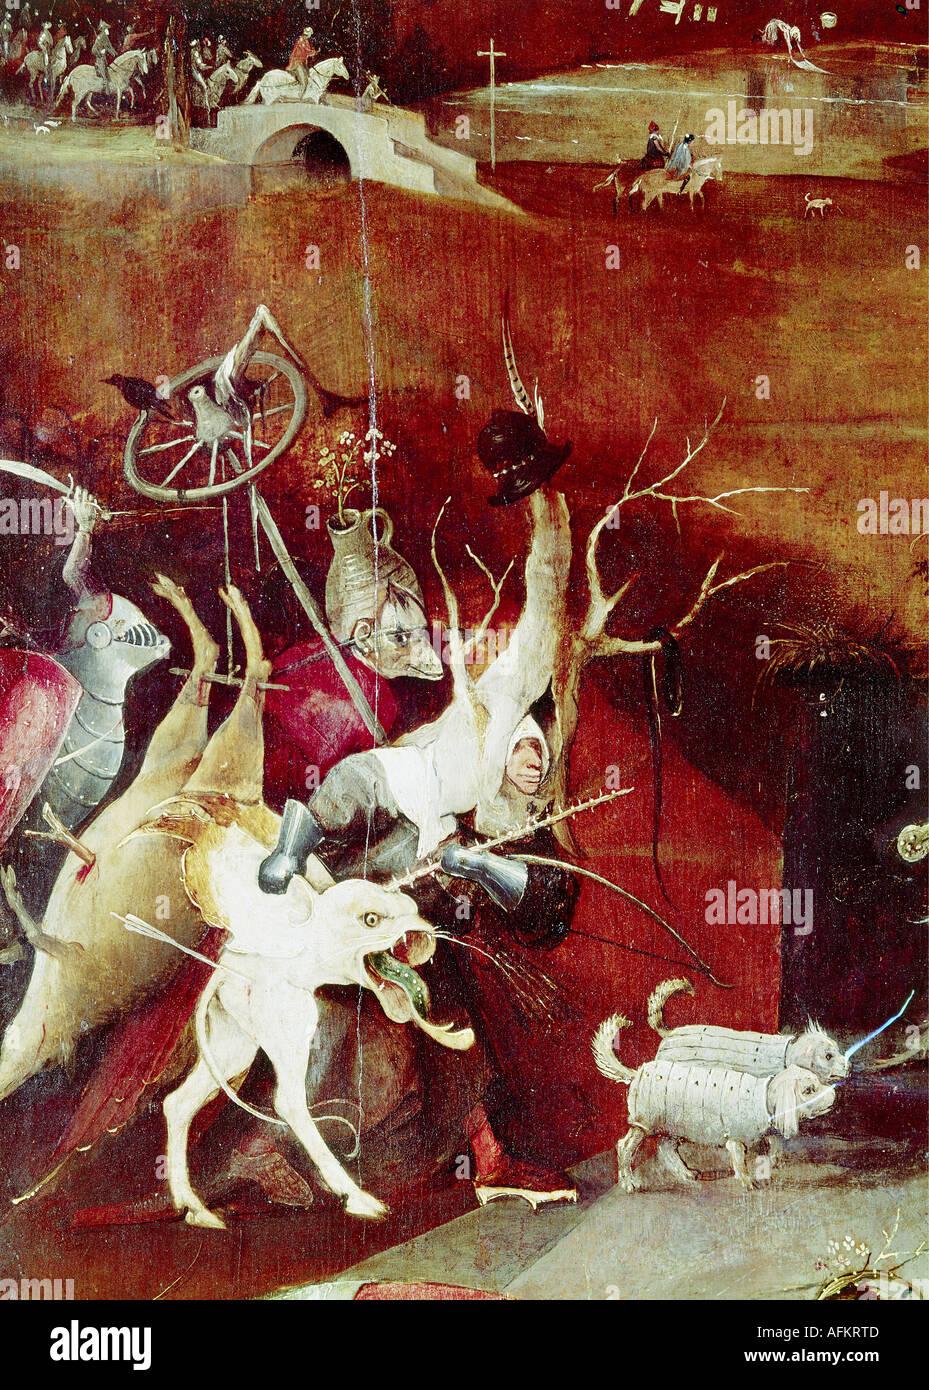 """""""Belle Arti, Bosch Hieronymus, (circa 1450 - 1516), pittura, """"la tentazione di Sant Antonio', pannello centrale, dettaglio, 1505 - Immagini Stock"""